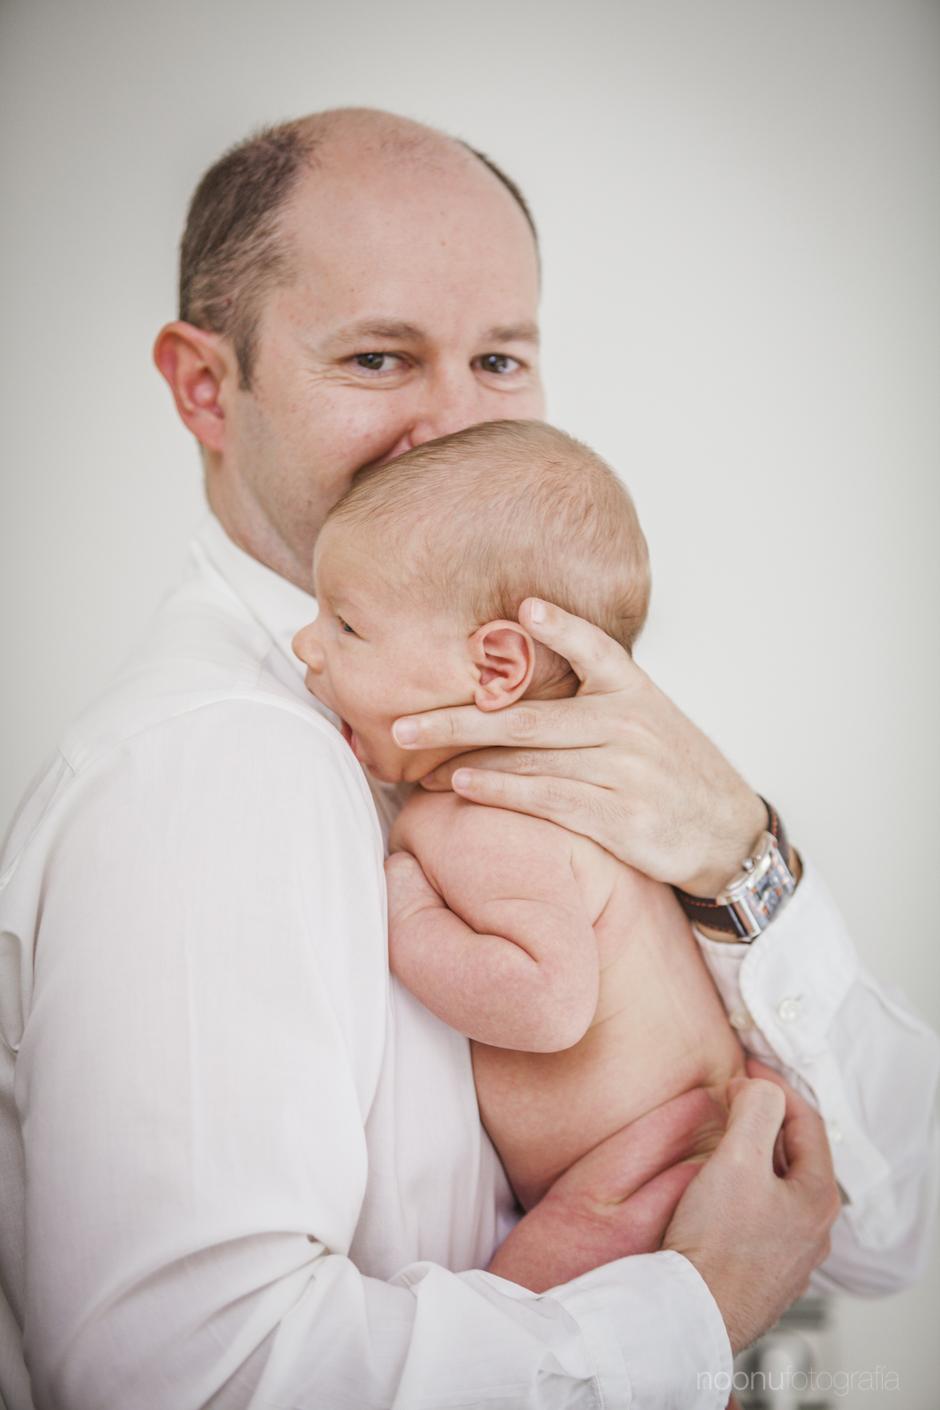 Noonu-fotografos-de-bebes-madrid-Carlos 2-2